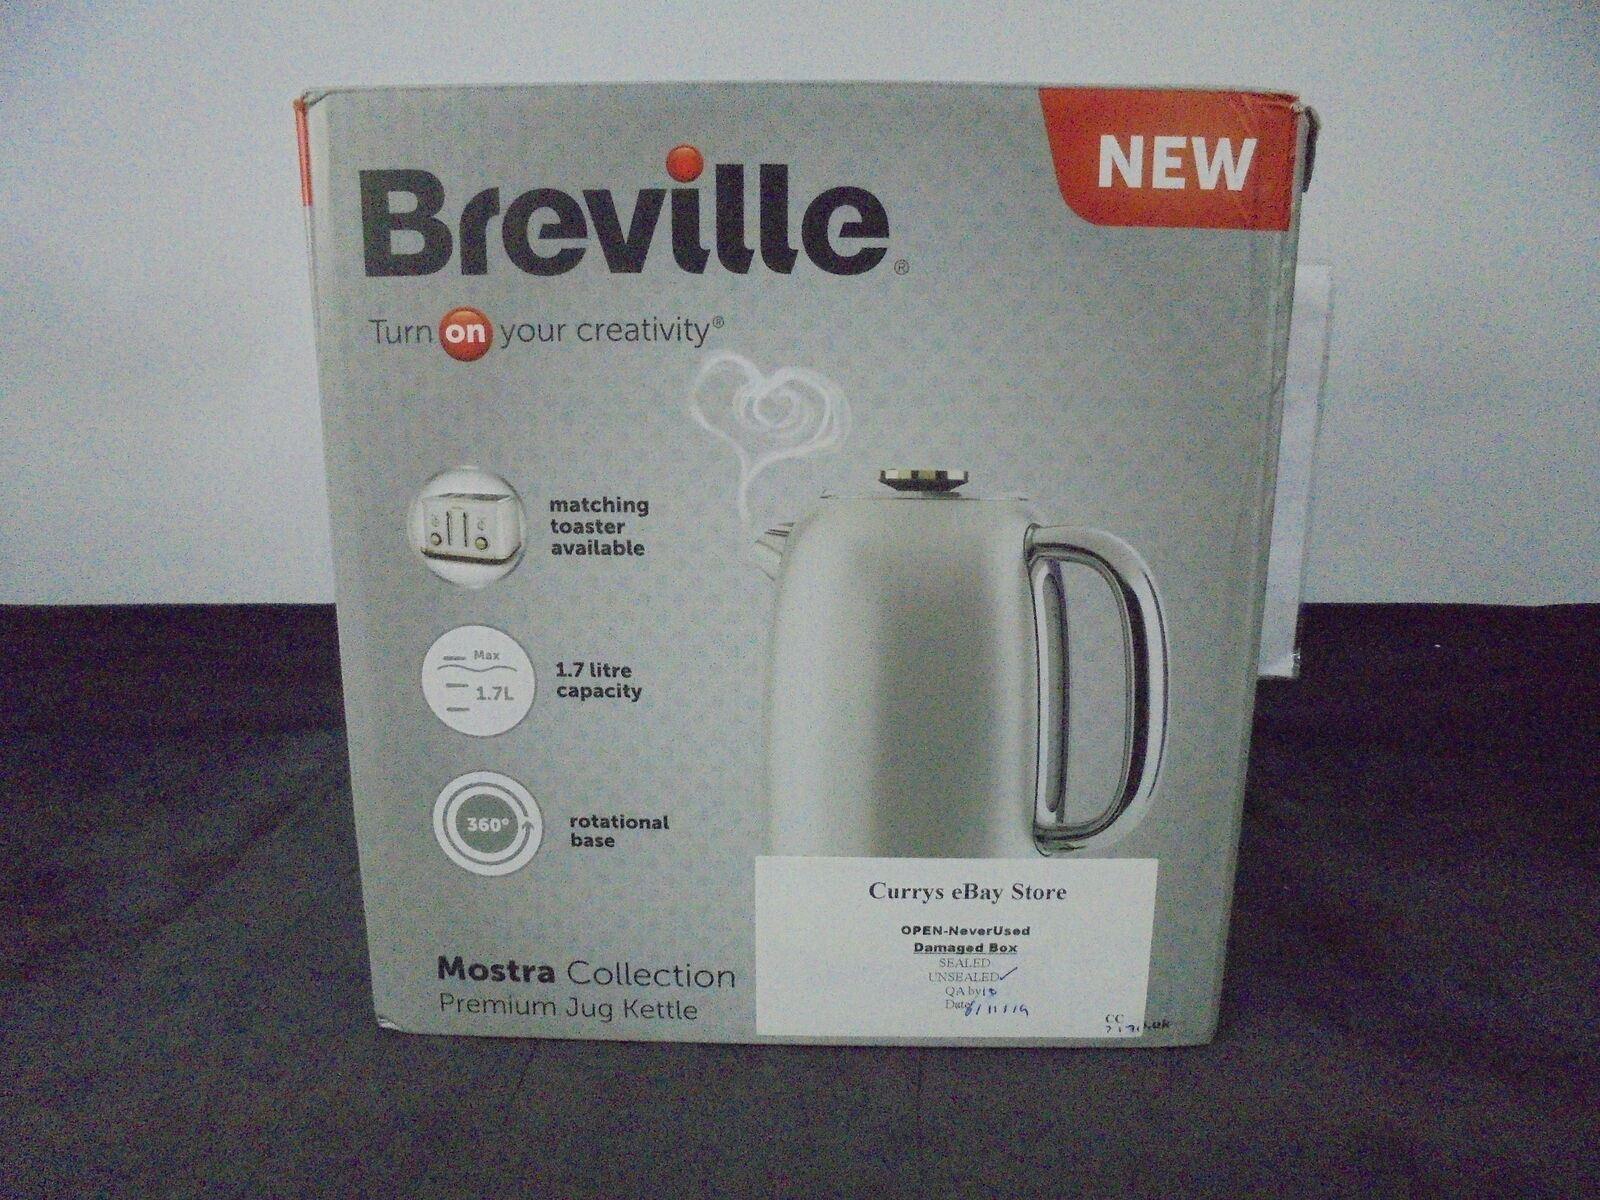 Breville VKT139 Mostra Moonshine Cordless Jug Kettle Silver